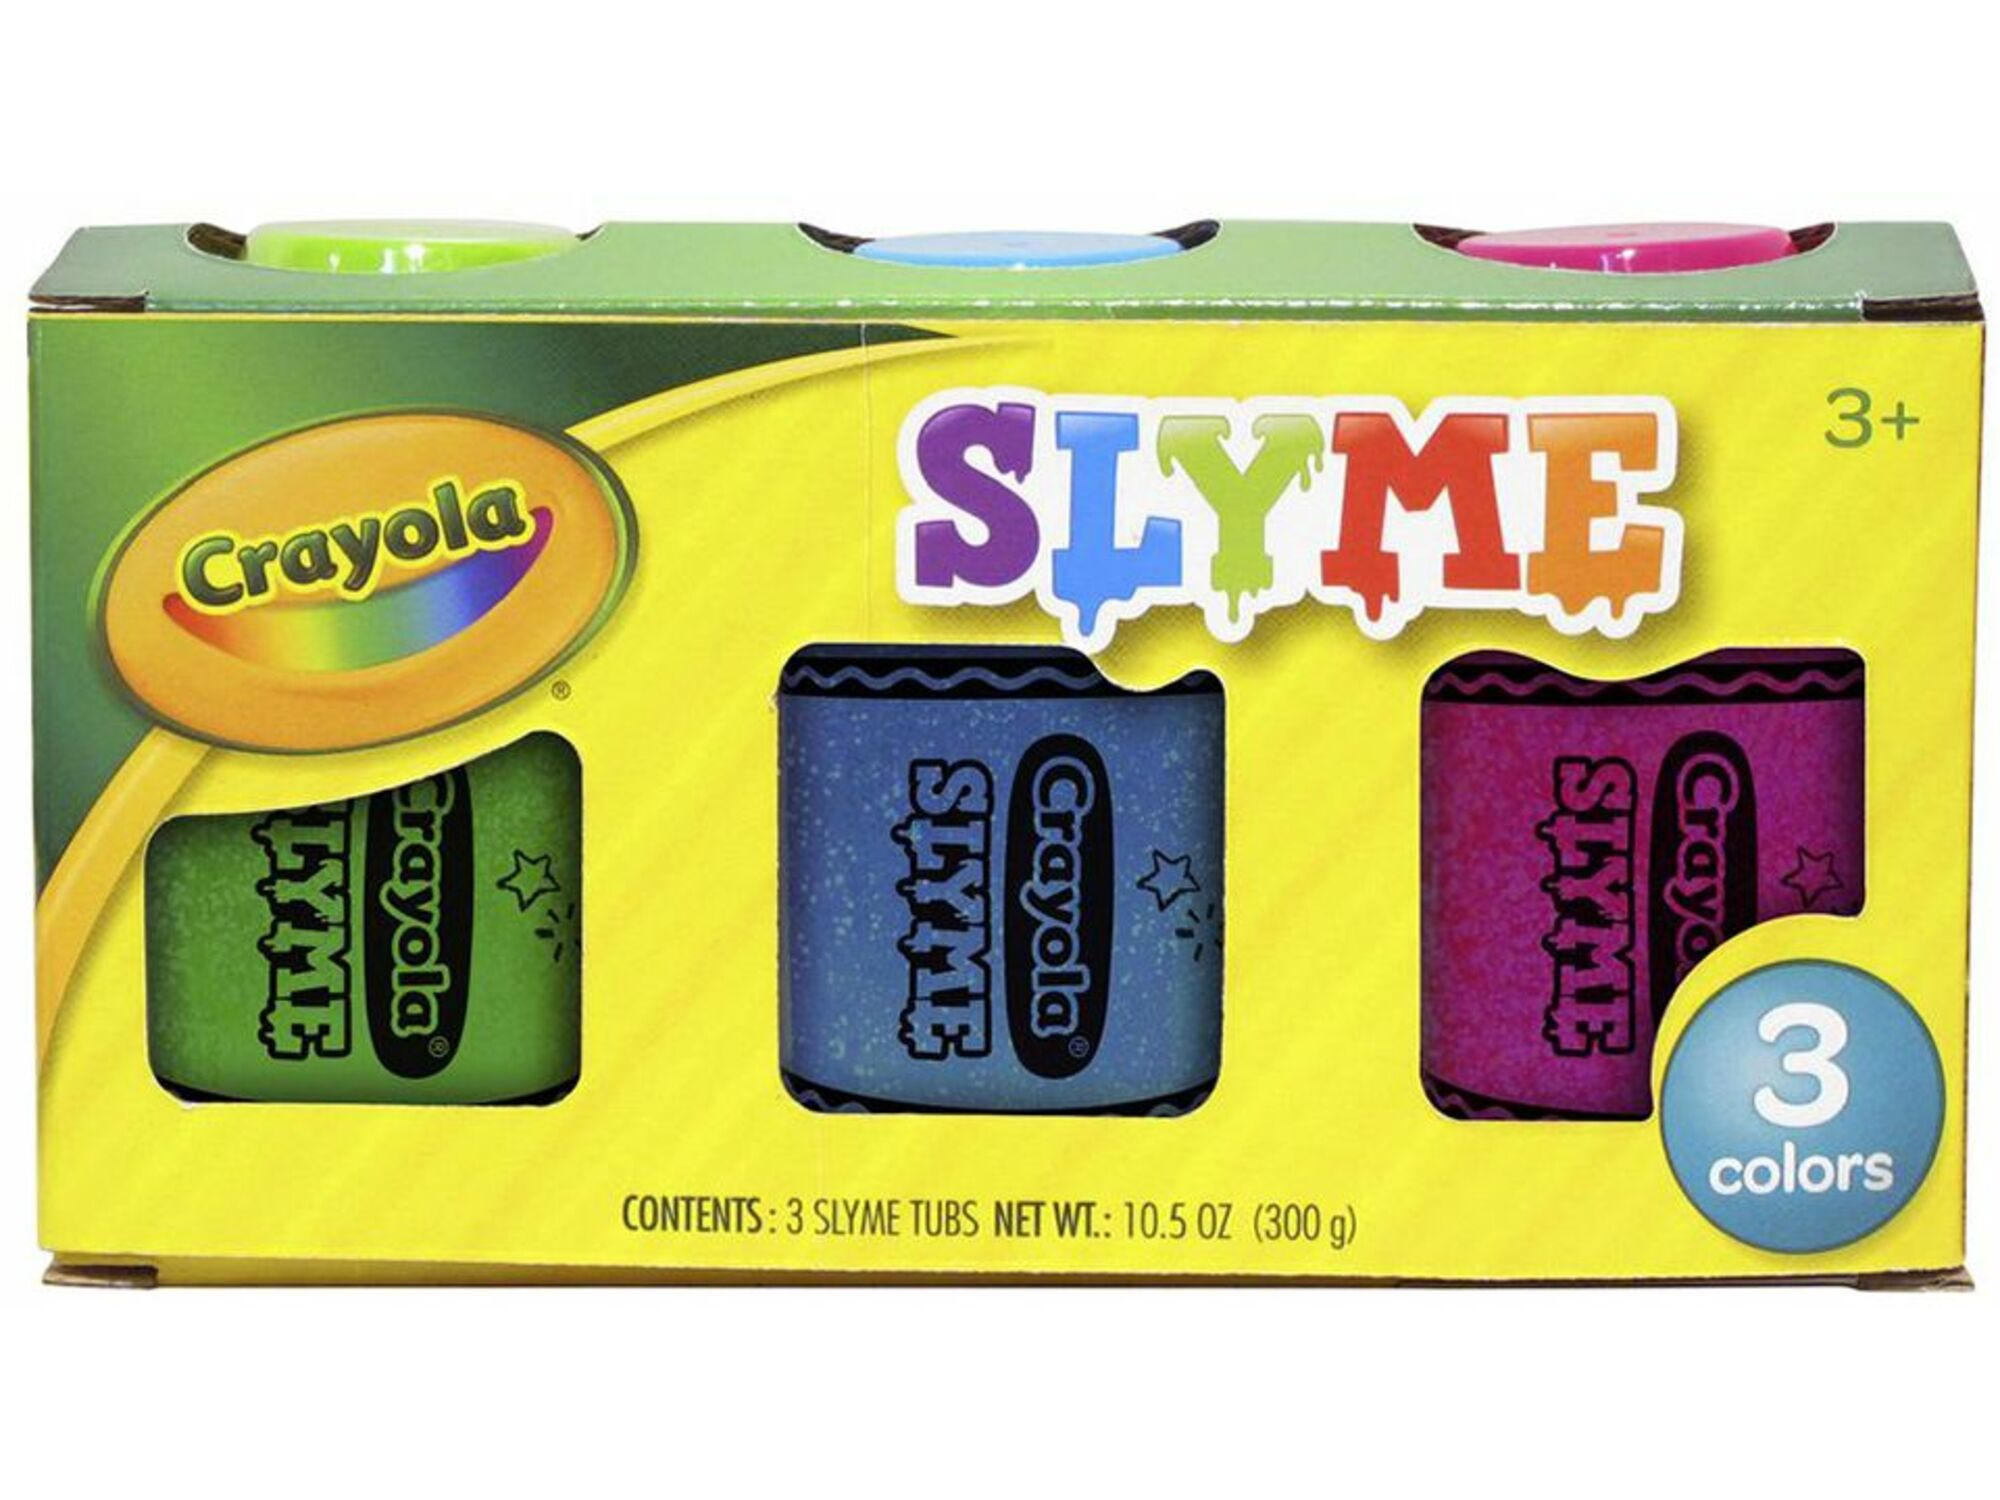 Crayola Slyme 3 Pack 03-729300